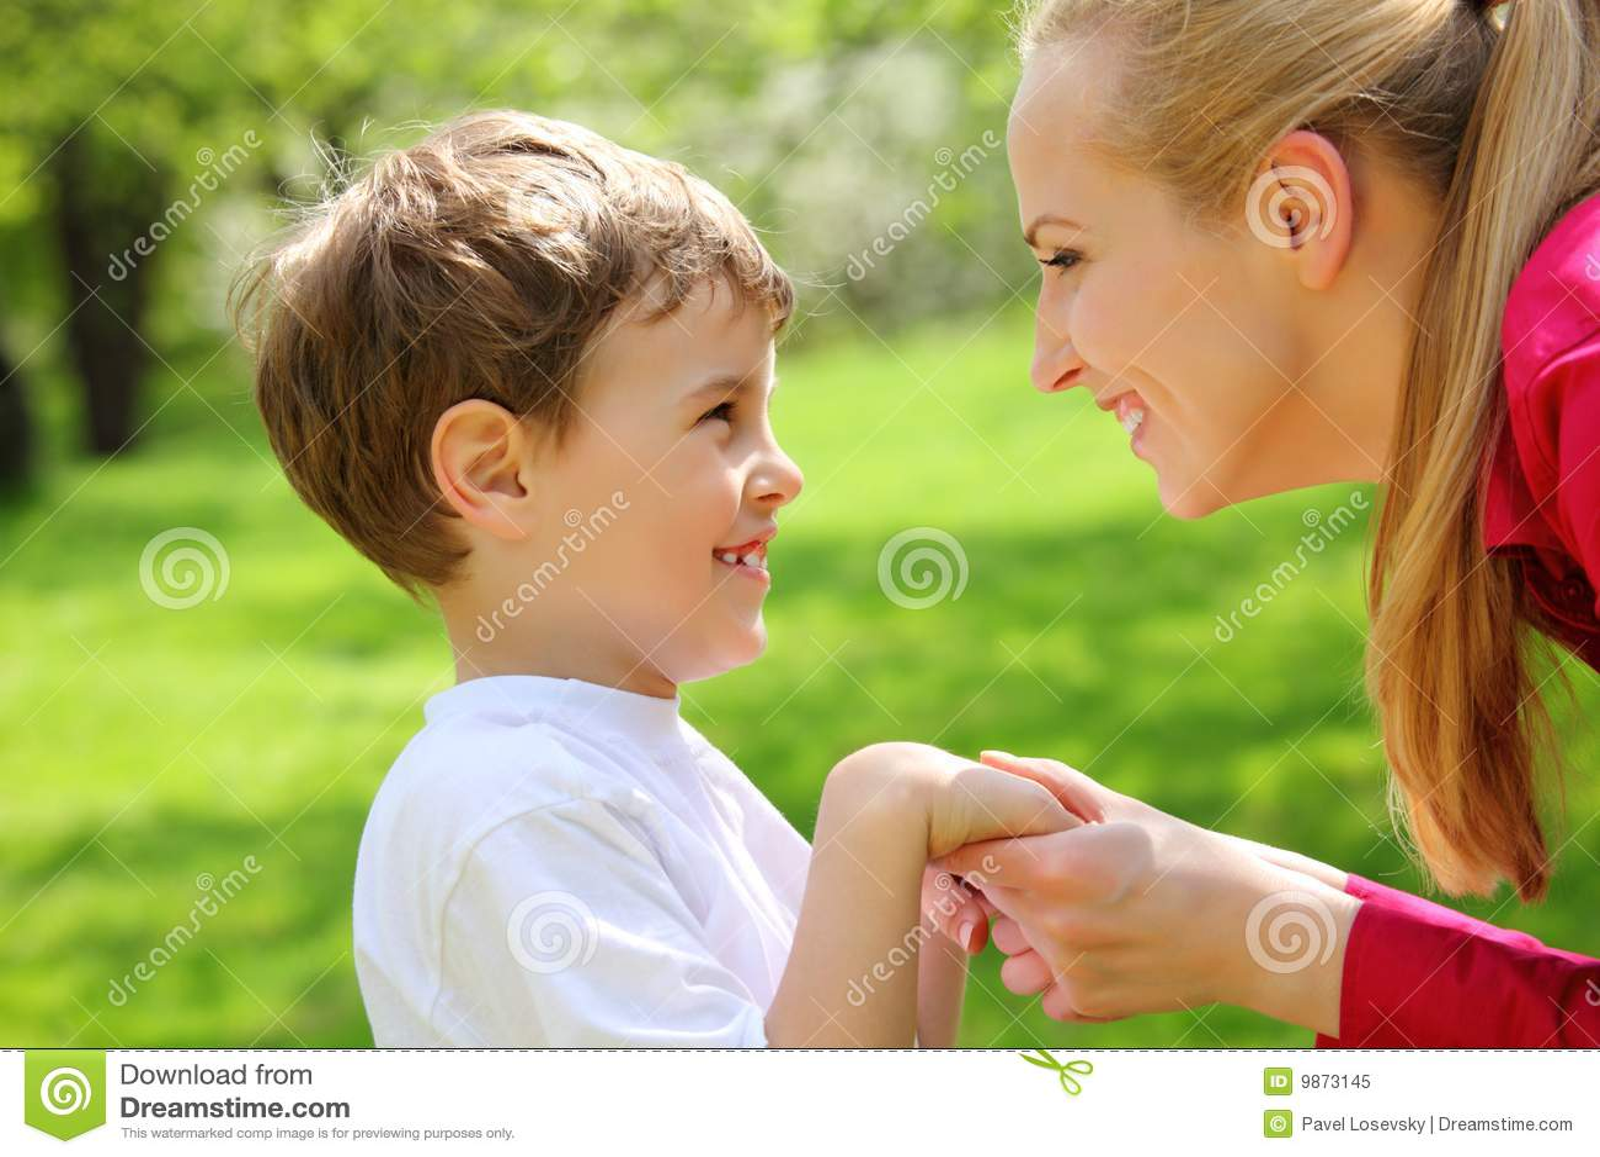 Язабеременела от сына рассказы фото 144-612